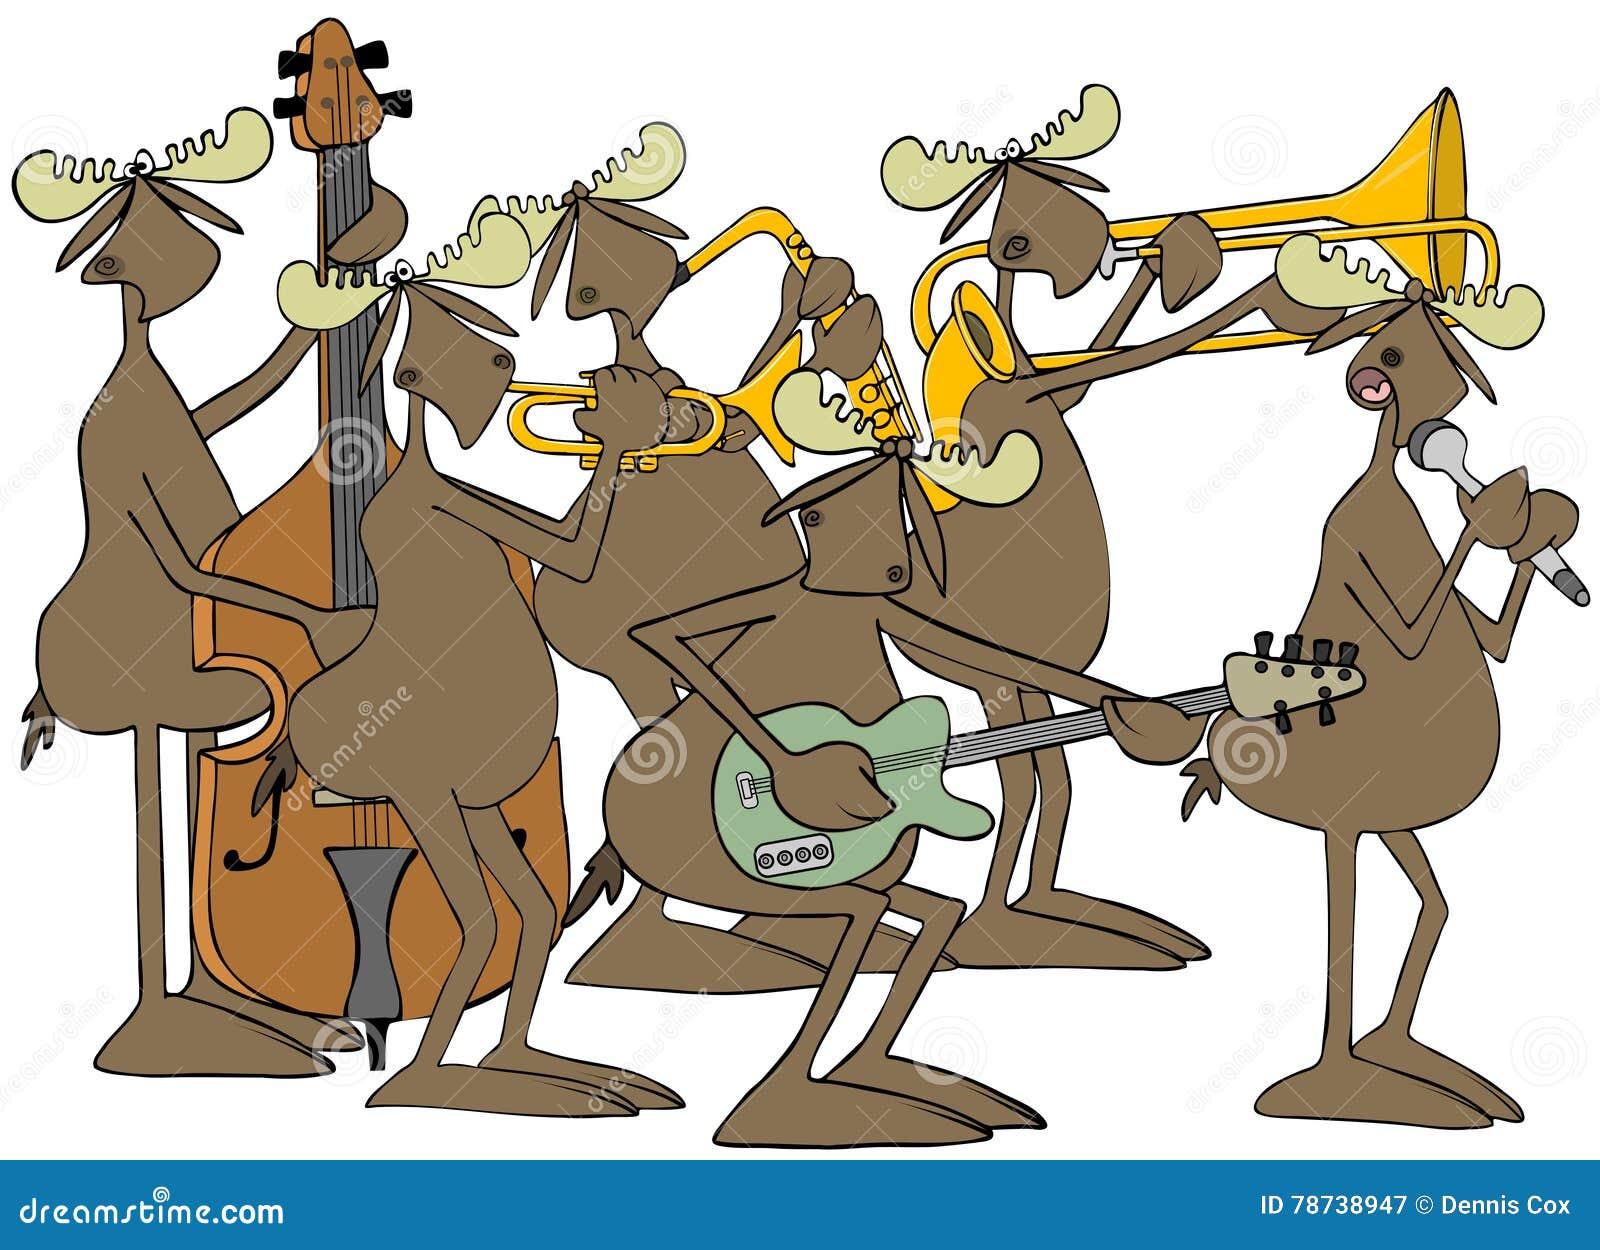 Jazz-band d orignaux de Taureau